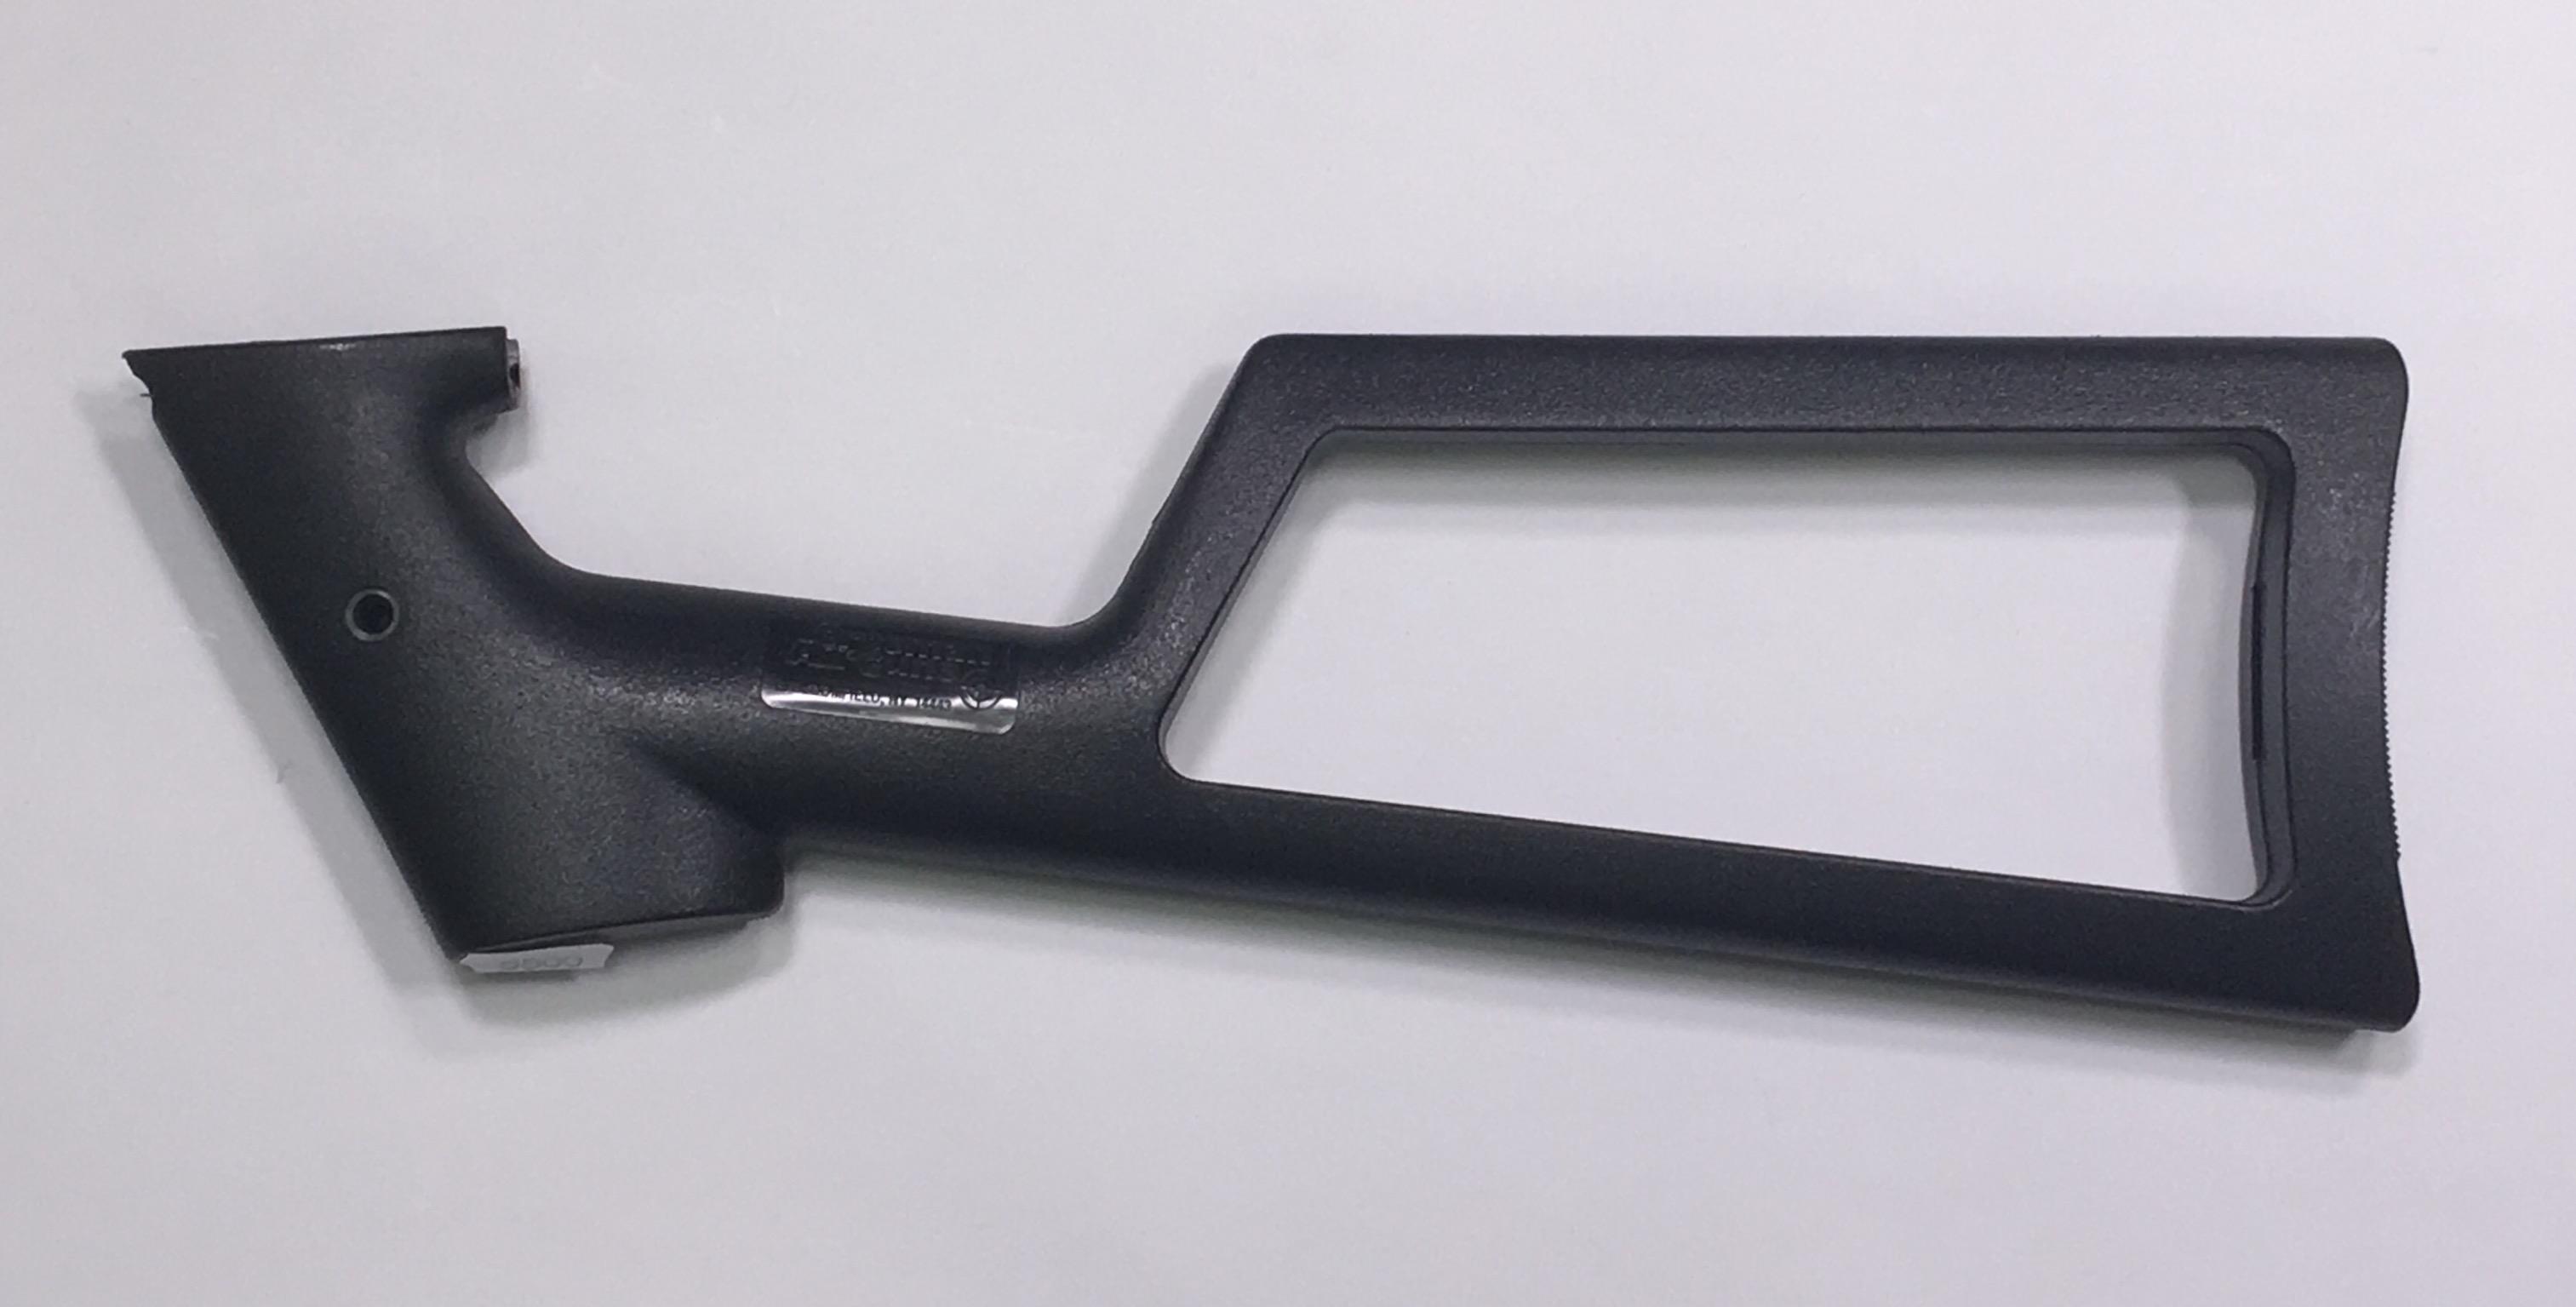 Schulterstütze für Crosman 2240 CO2 Pistole